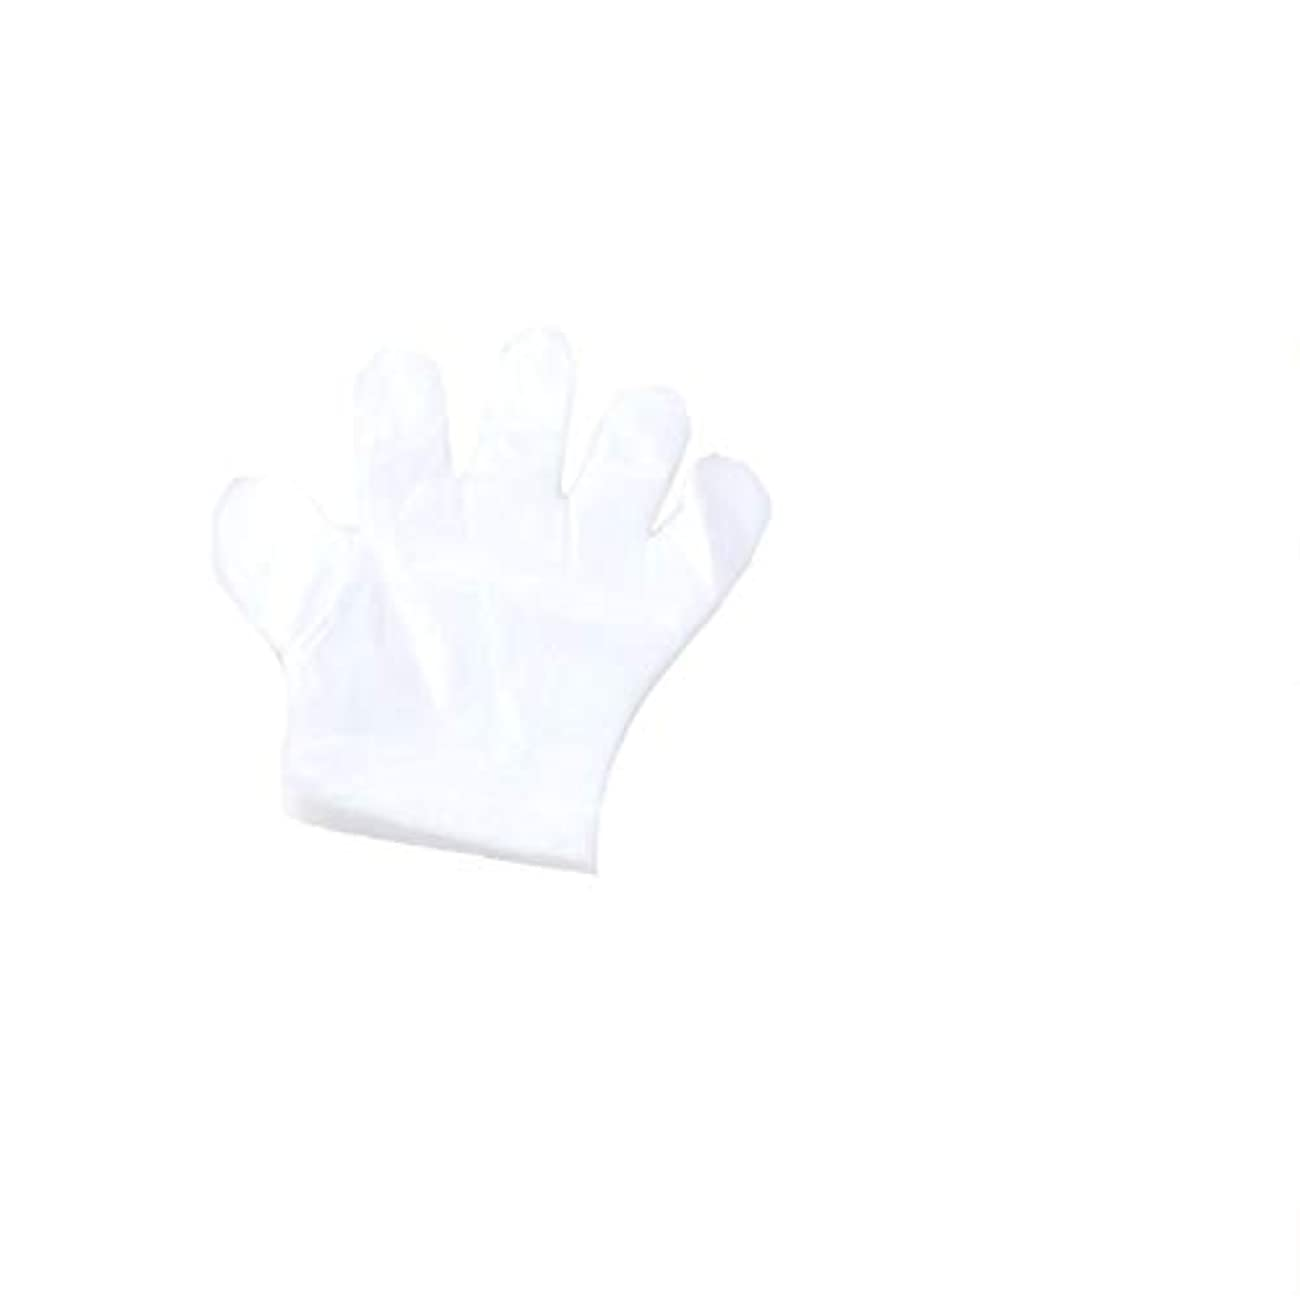 弁護暴露手配する手袋は、2000年の食品グレードの家庭用の透明プラスチック使い捨て手袋でのみ厚くなっています。 (UnitCount : 2000*2000)